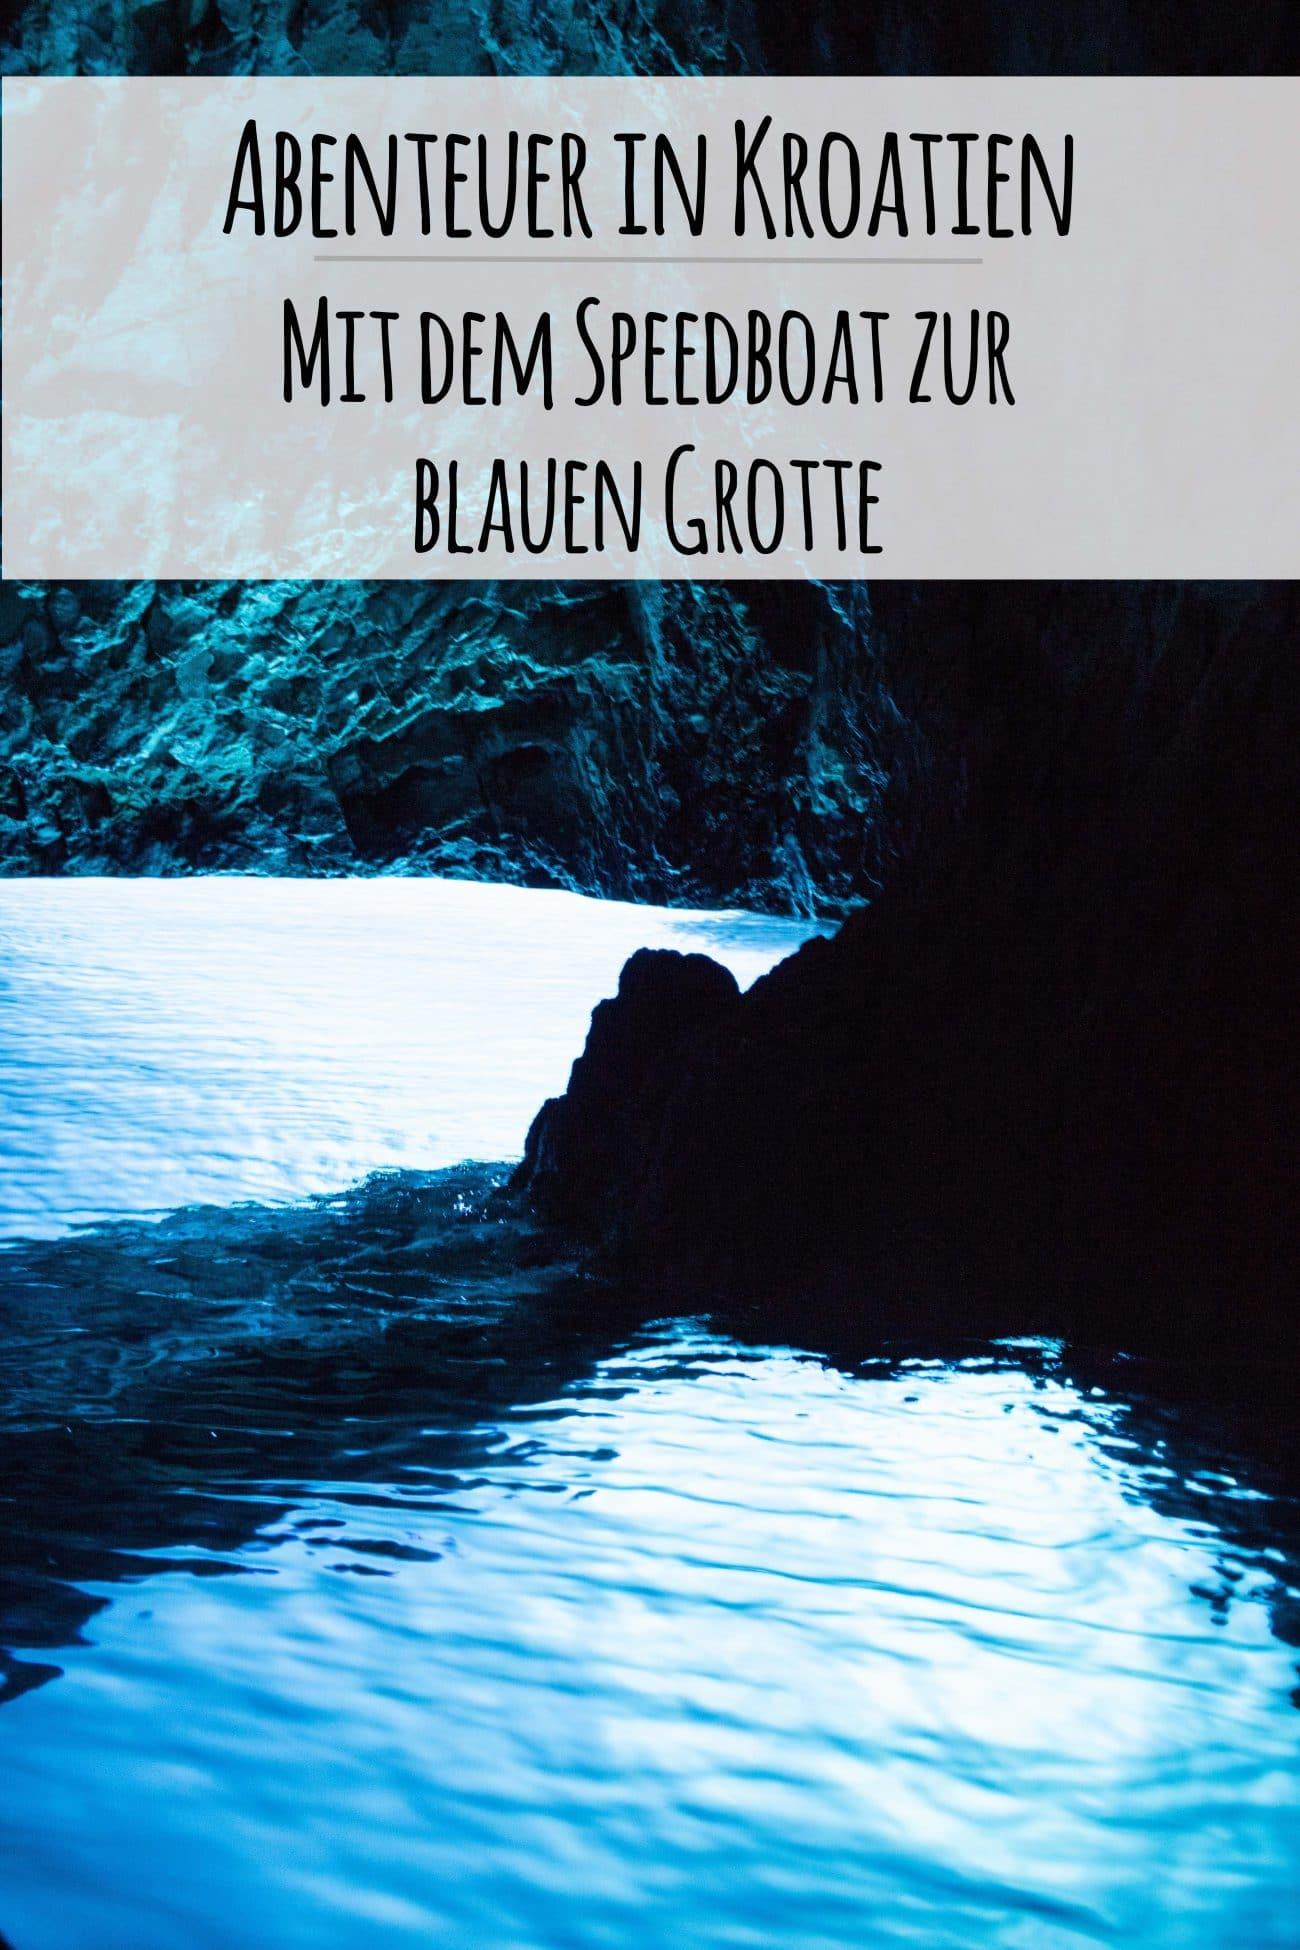 Split Sehenswuerdigkeiten_ die atemberaubende blaue Grotte_PASSENGER X